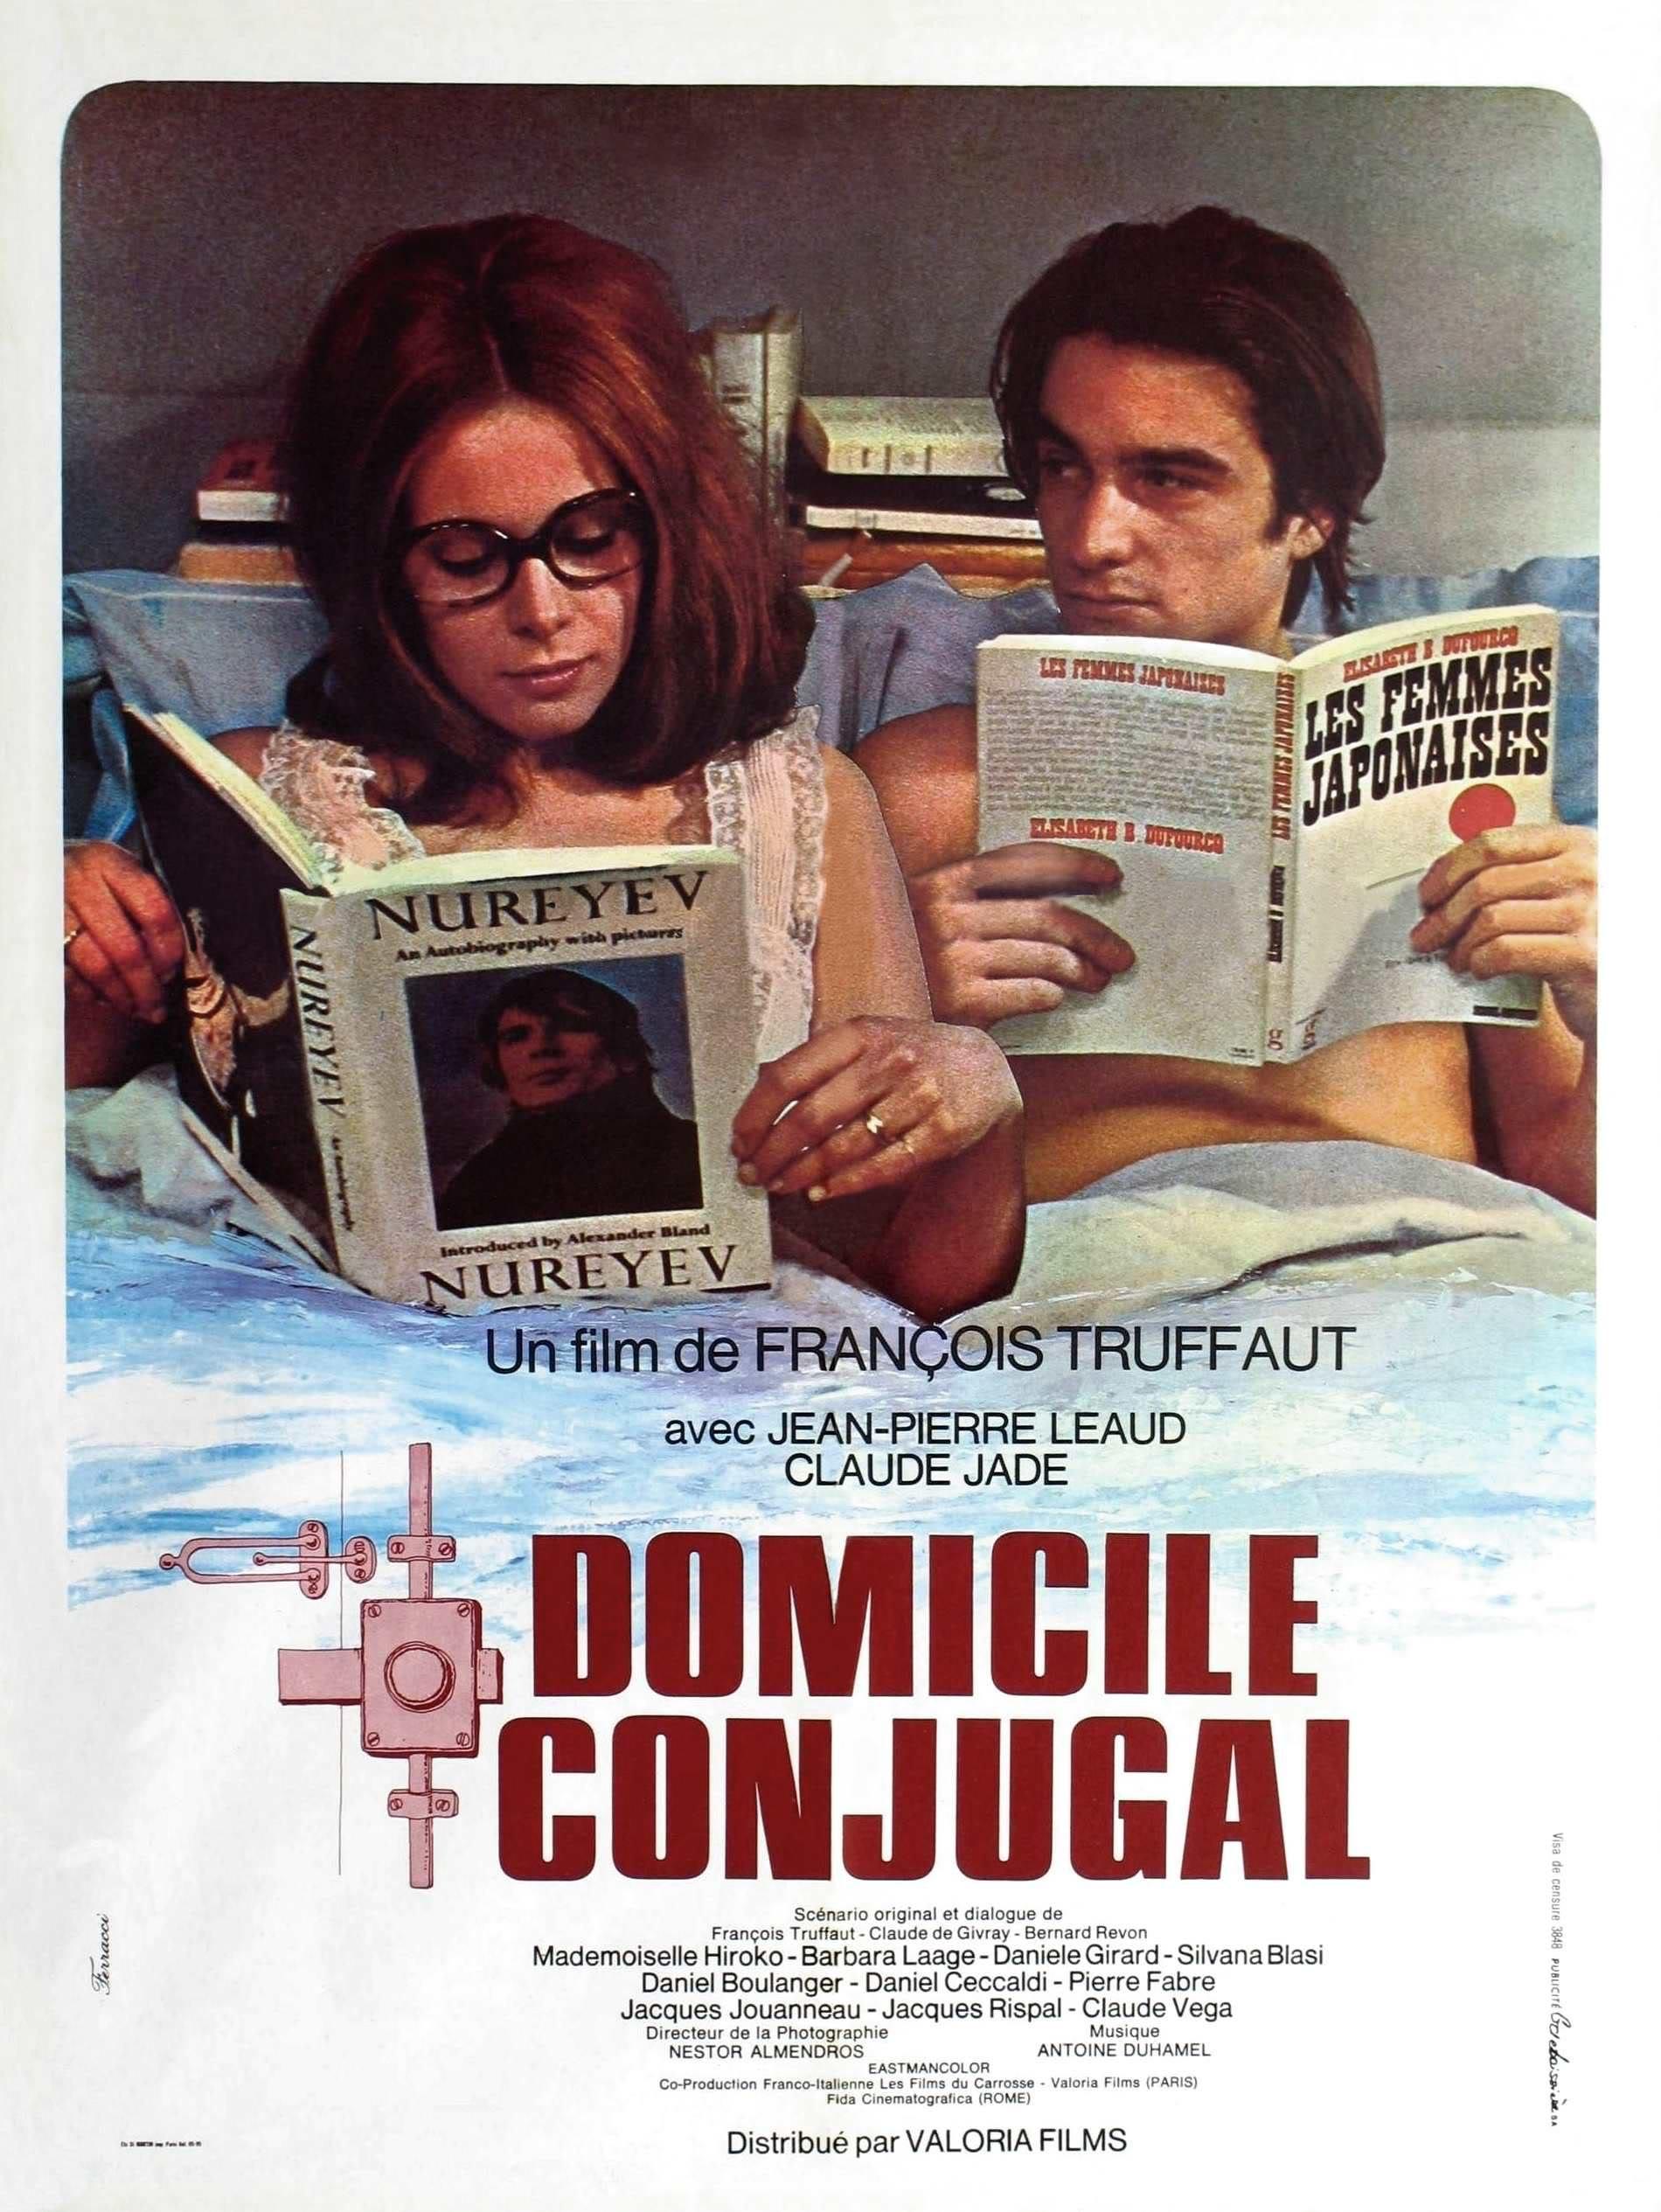 ოჯახური კერა (ქართულად) - Domicile conjugal